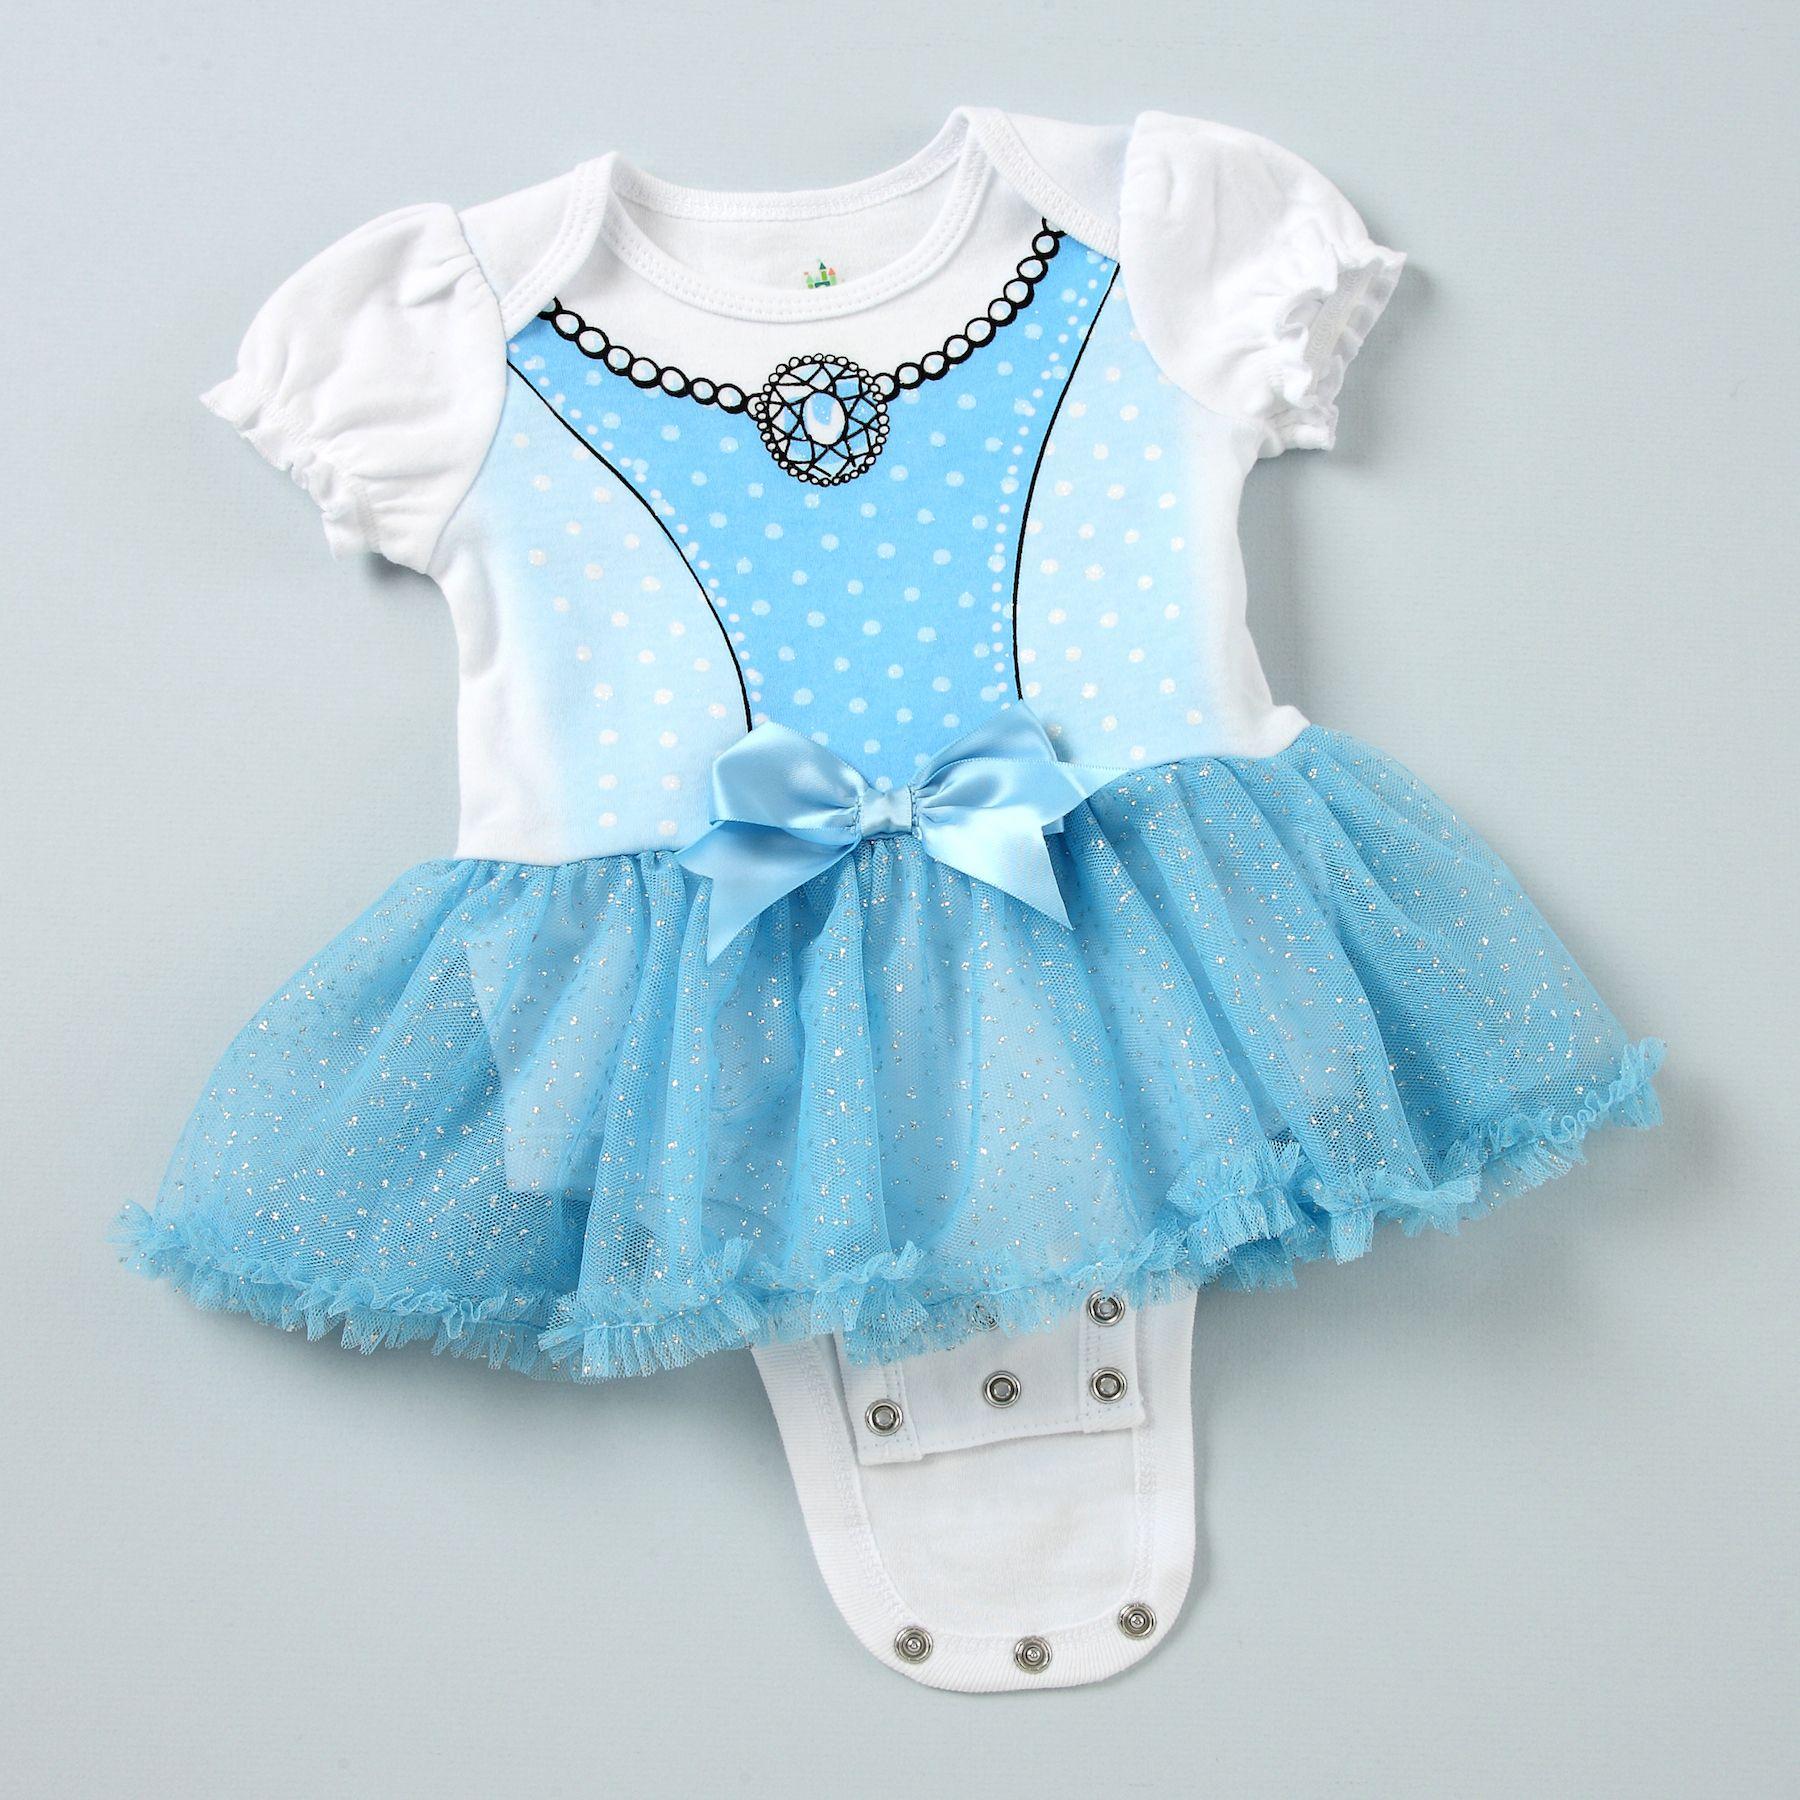 Disney Enchanted Nursery Cinderella Baby Doll In Blue: CINDERELLA Disney Cuddly Bodysuit™ With Tutu Featuring